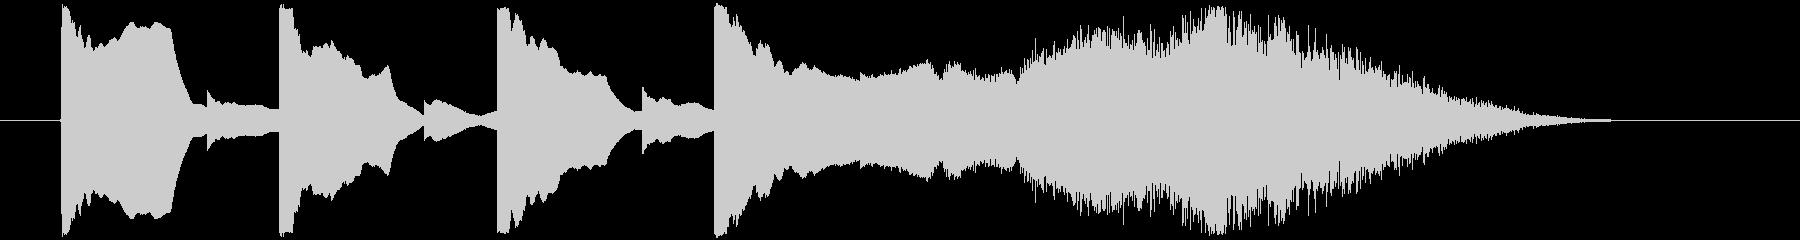 スタートシグナル2の未再生の波形